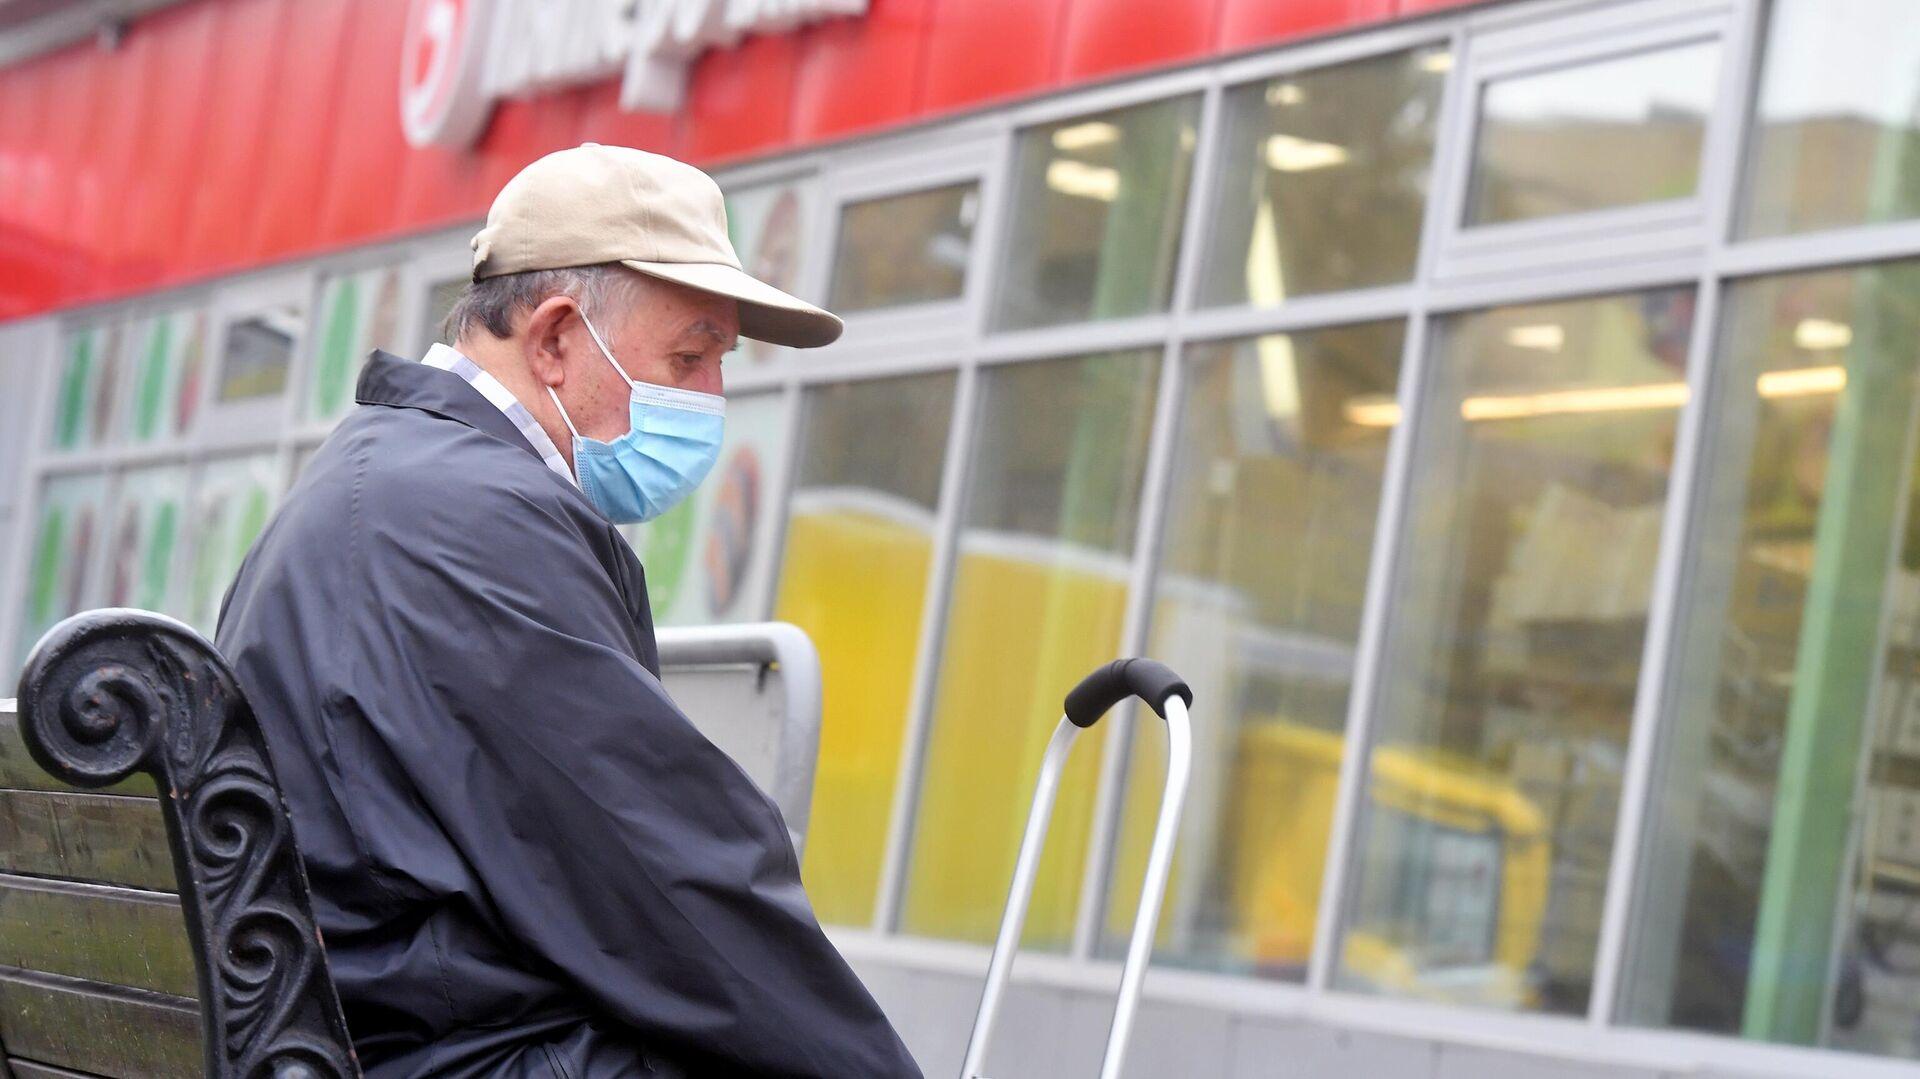 Пенсионер в медицинской маске около магазина Пятерочка - РИА Новости, 1920, 27.10.2020